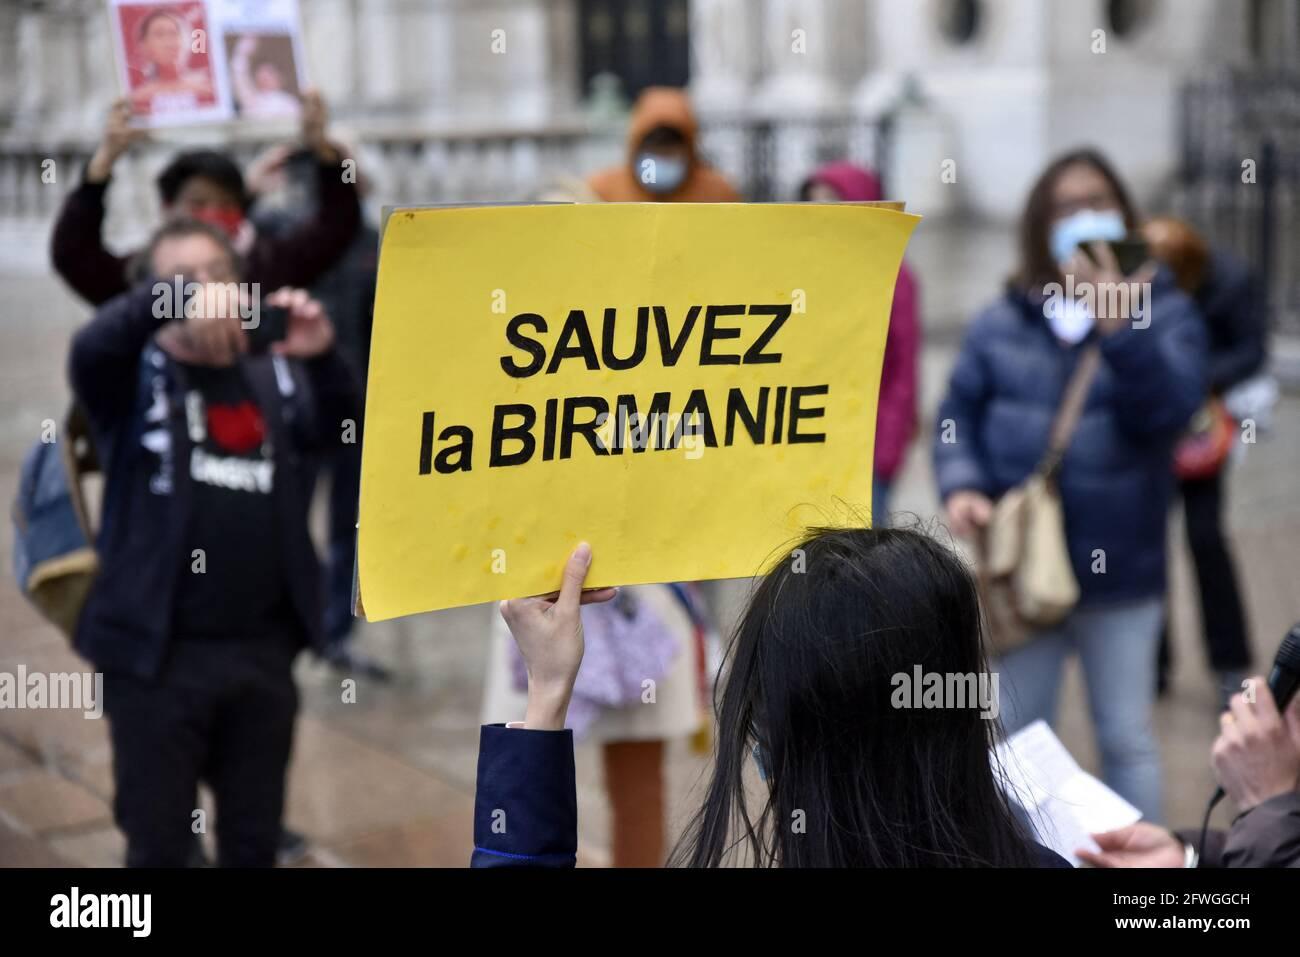 Rassemblement pour une démocratie au Myanmar et contre le coup d'État militaire, à l'Hôtel de ville à Paris, en France, le 22 mai 2021. Photo de Patrice Pierrot/avenir Pictures/ABACAPRESS.COM Banque D'Images